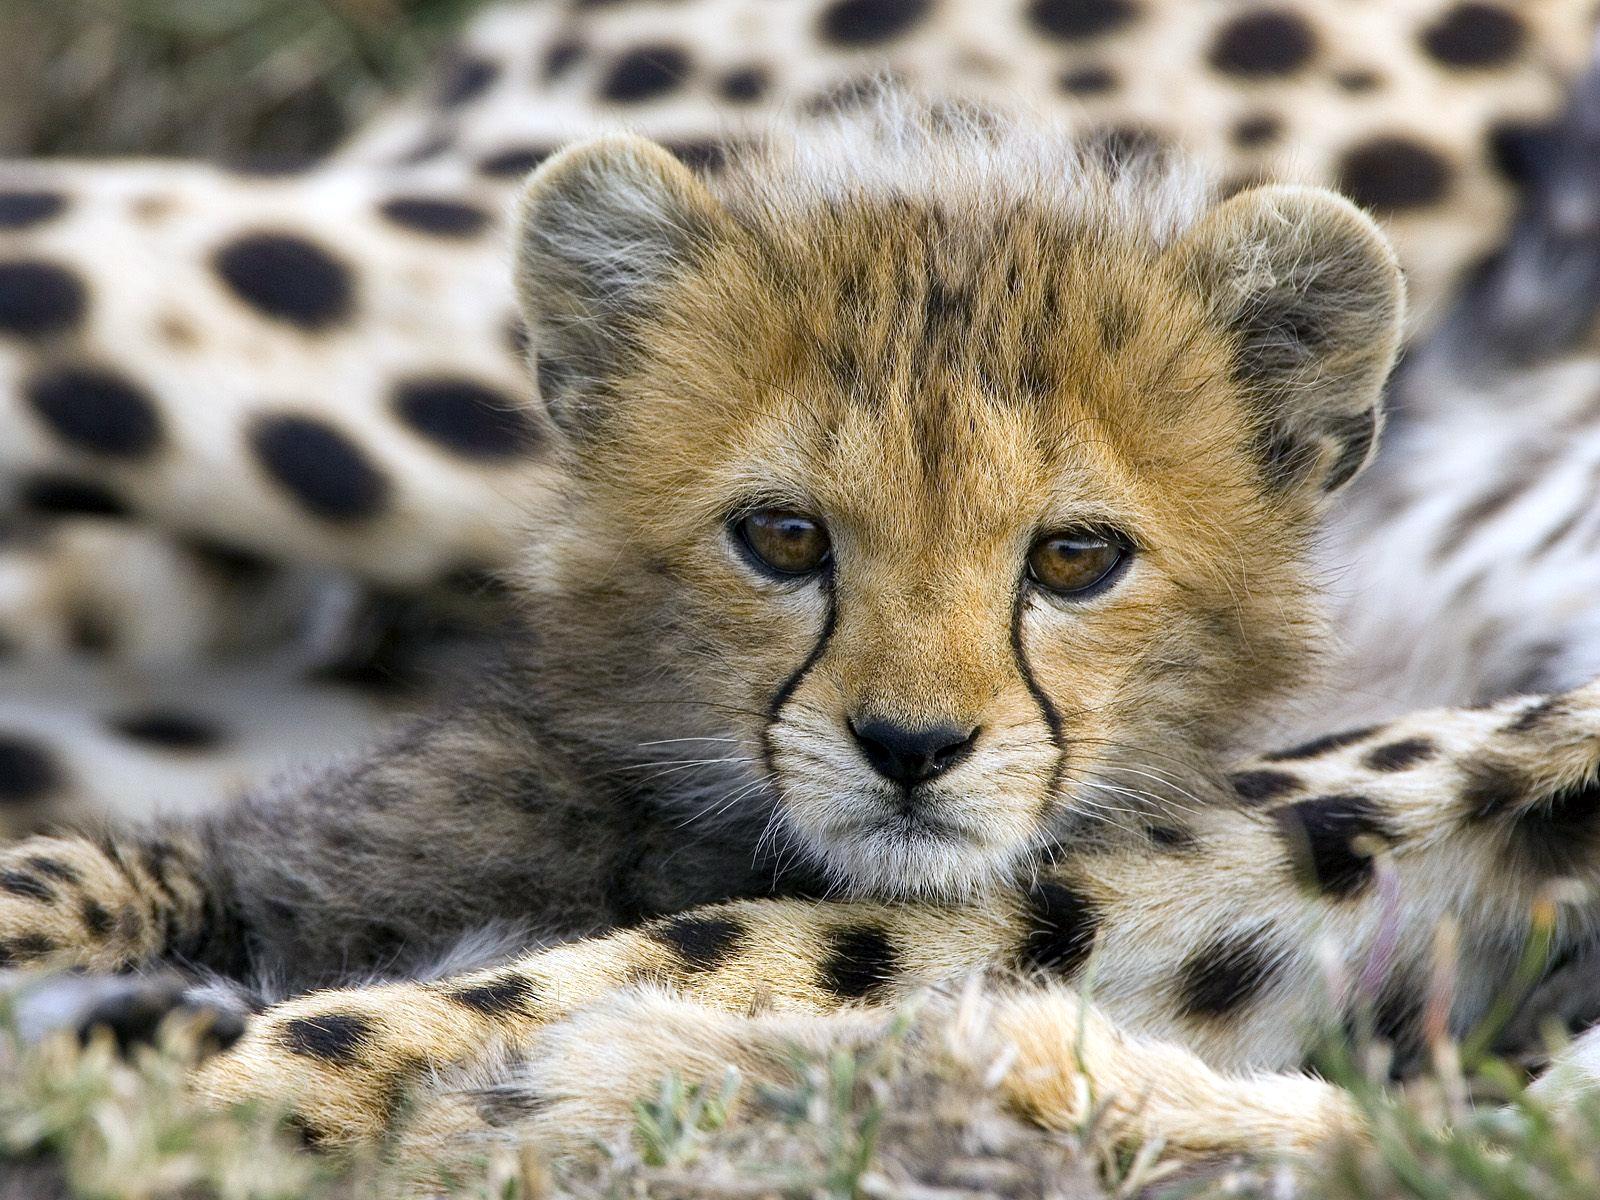 http://3.bp.blogspot.com/_fU7LdRkUMVM/TU2NjaKtXcI/AAAAAAAAD4w/L5YYvccuDYo/s1600/baby_cheetah-5260.jpg